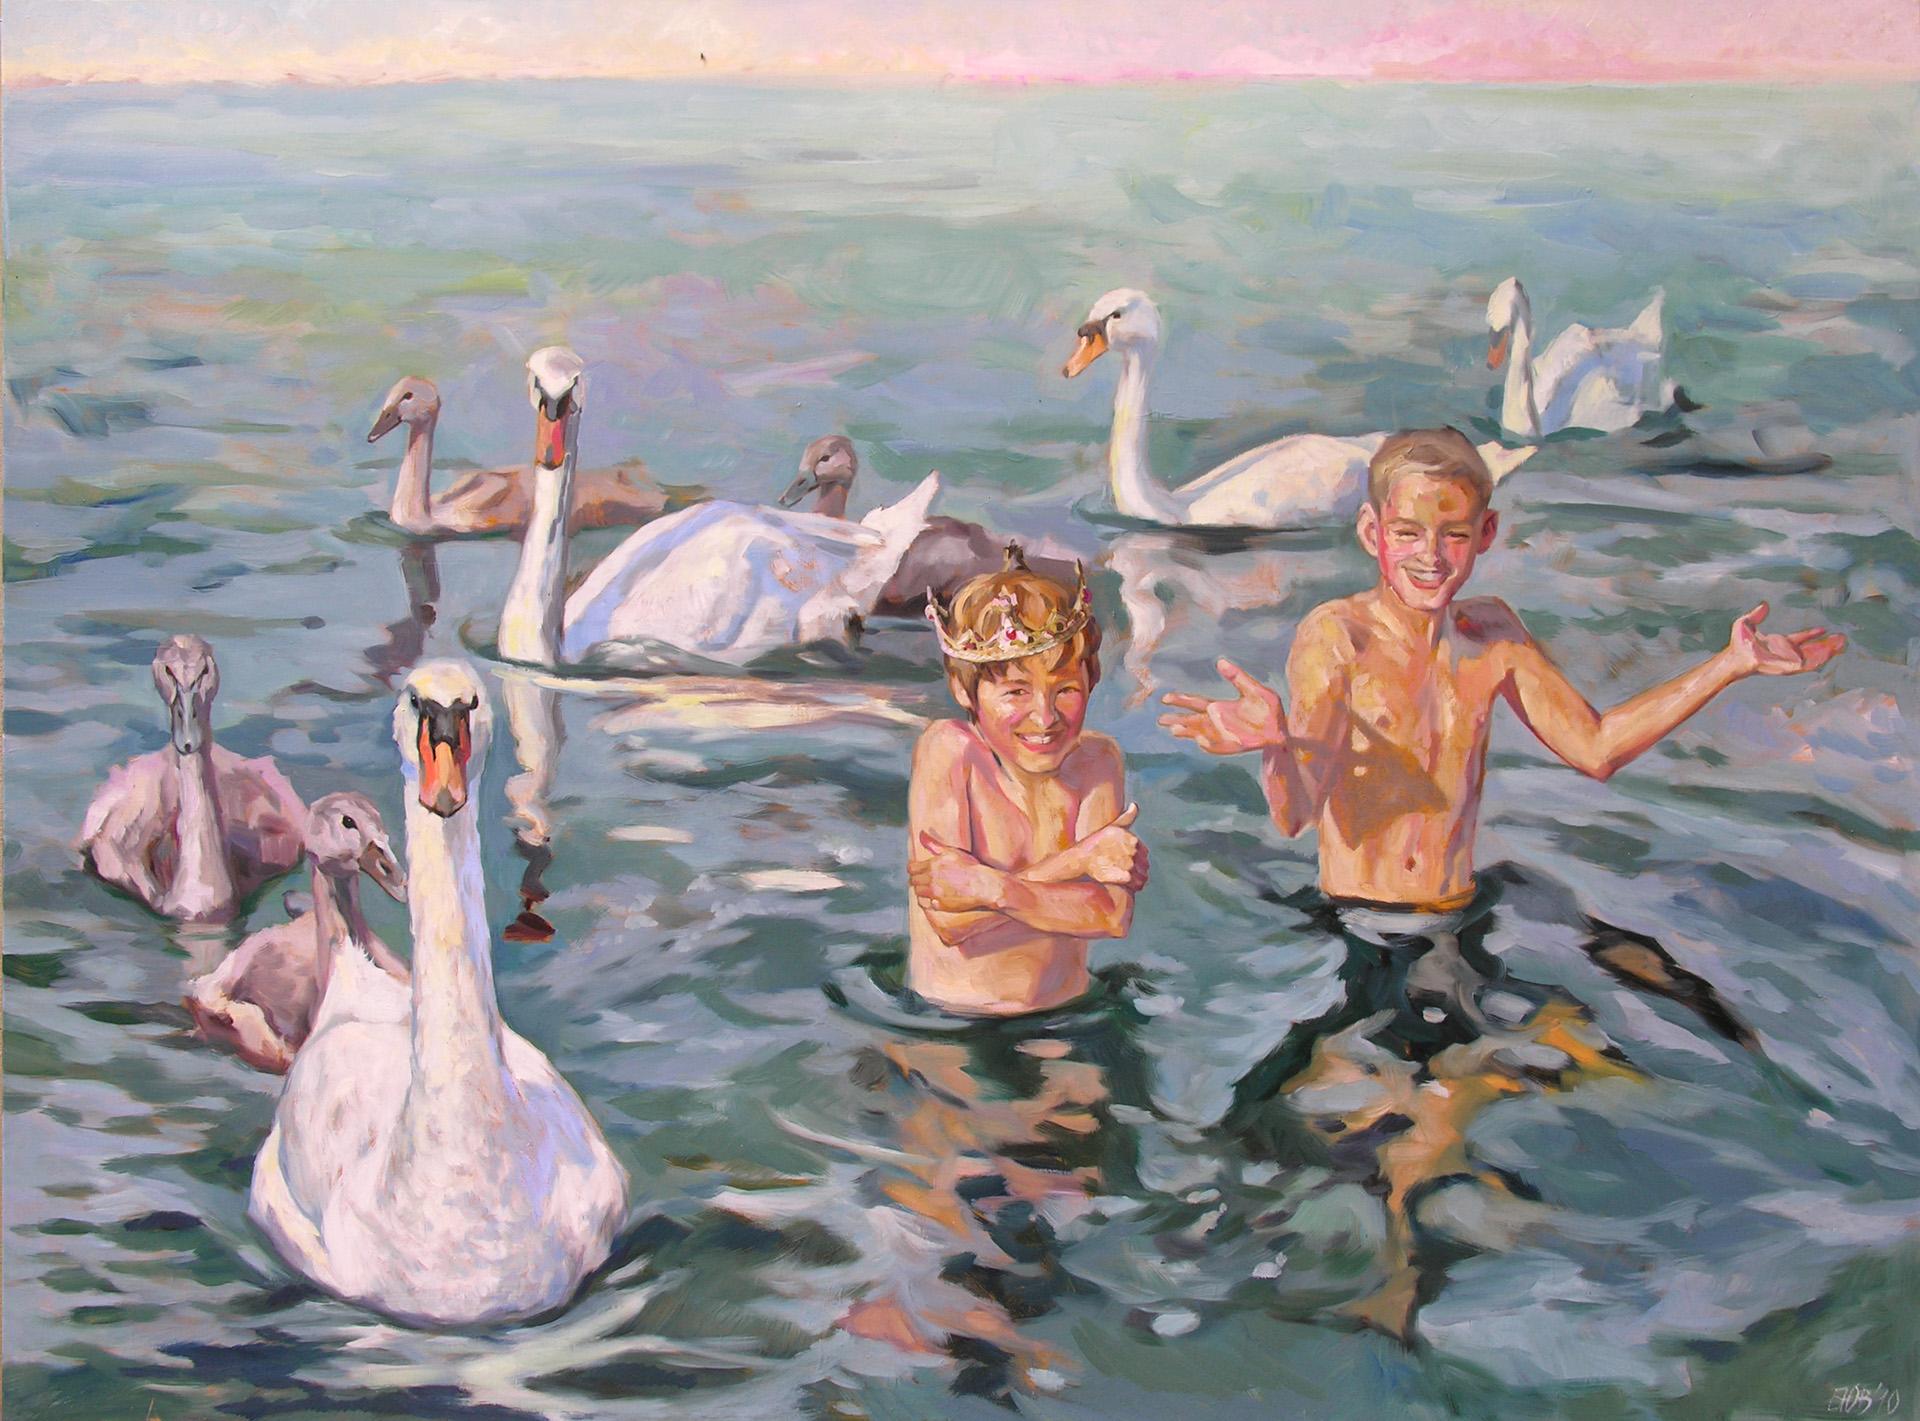 Gemälde von Julia Belot: Glücklich wie die Könige, Öl auf Leinwand, 120 cm x 160 cm, 2010